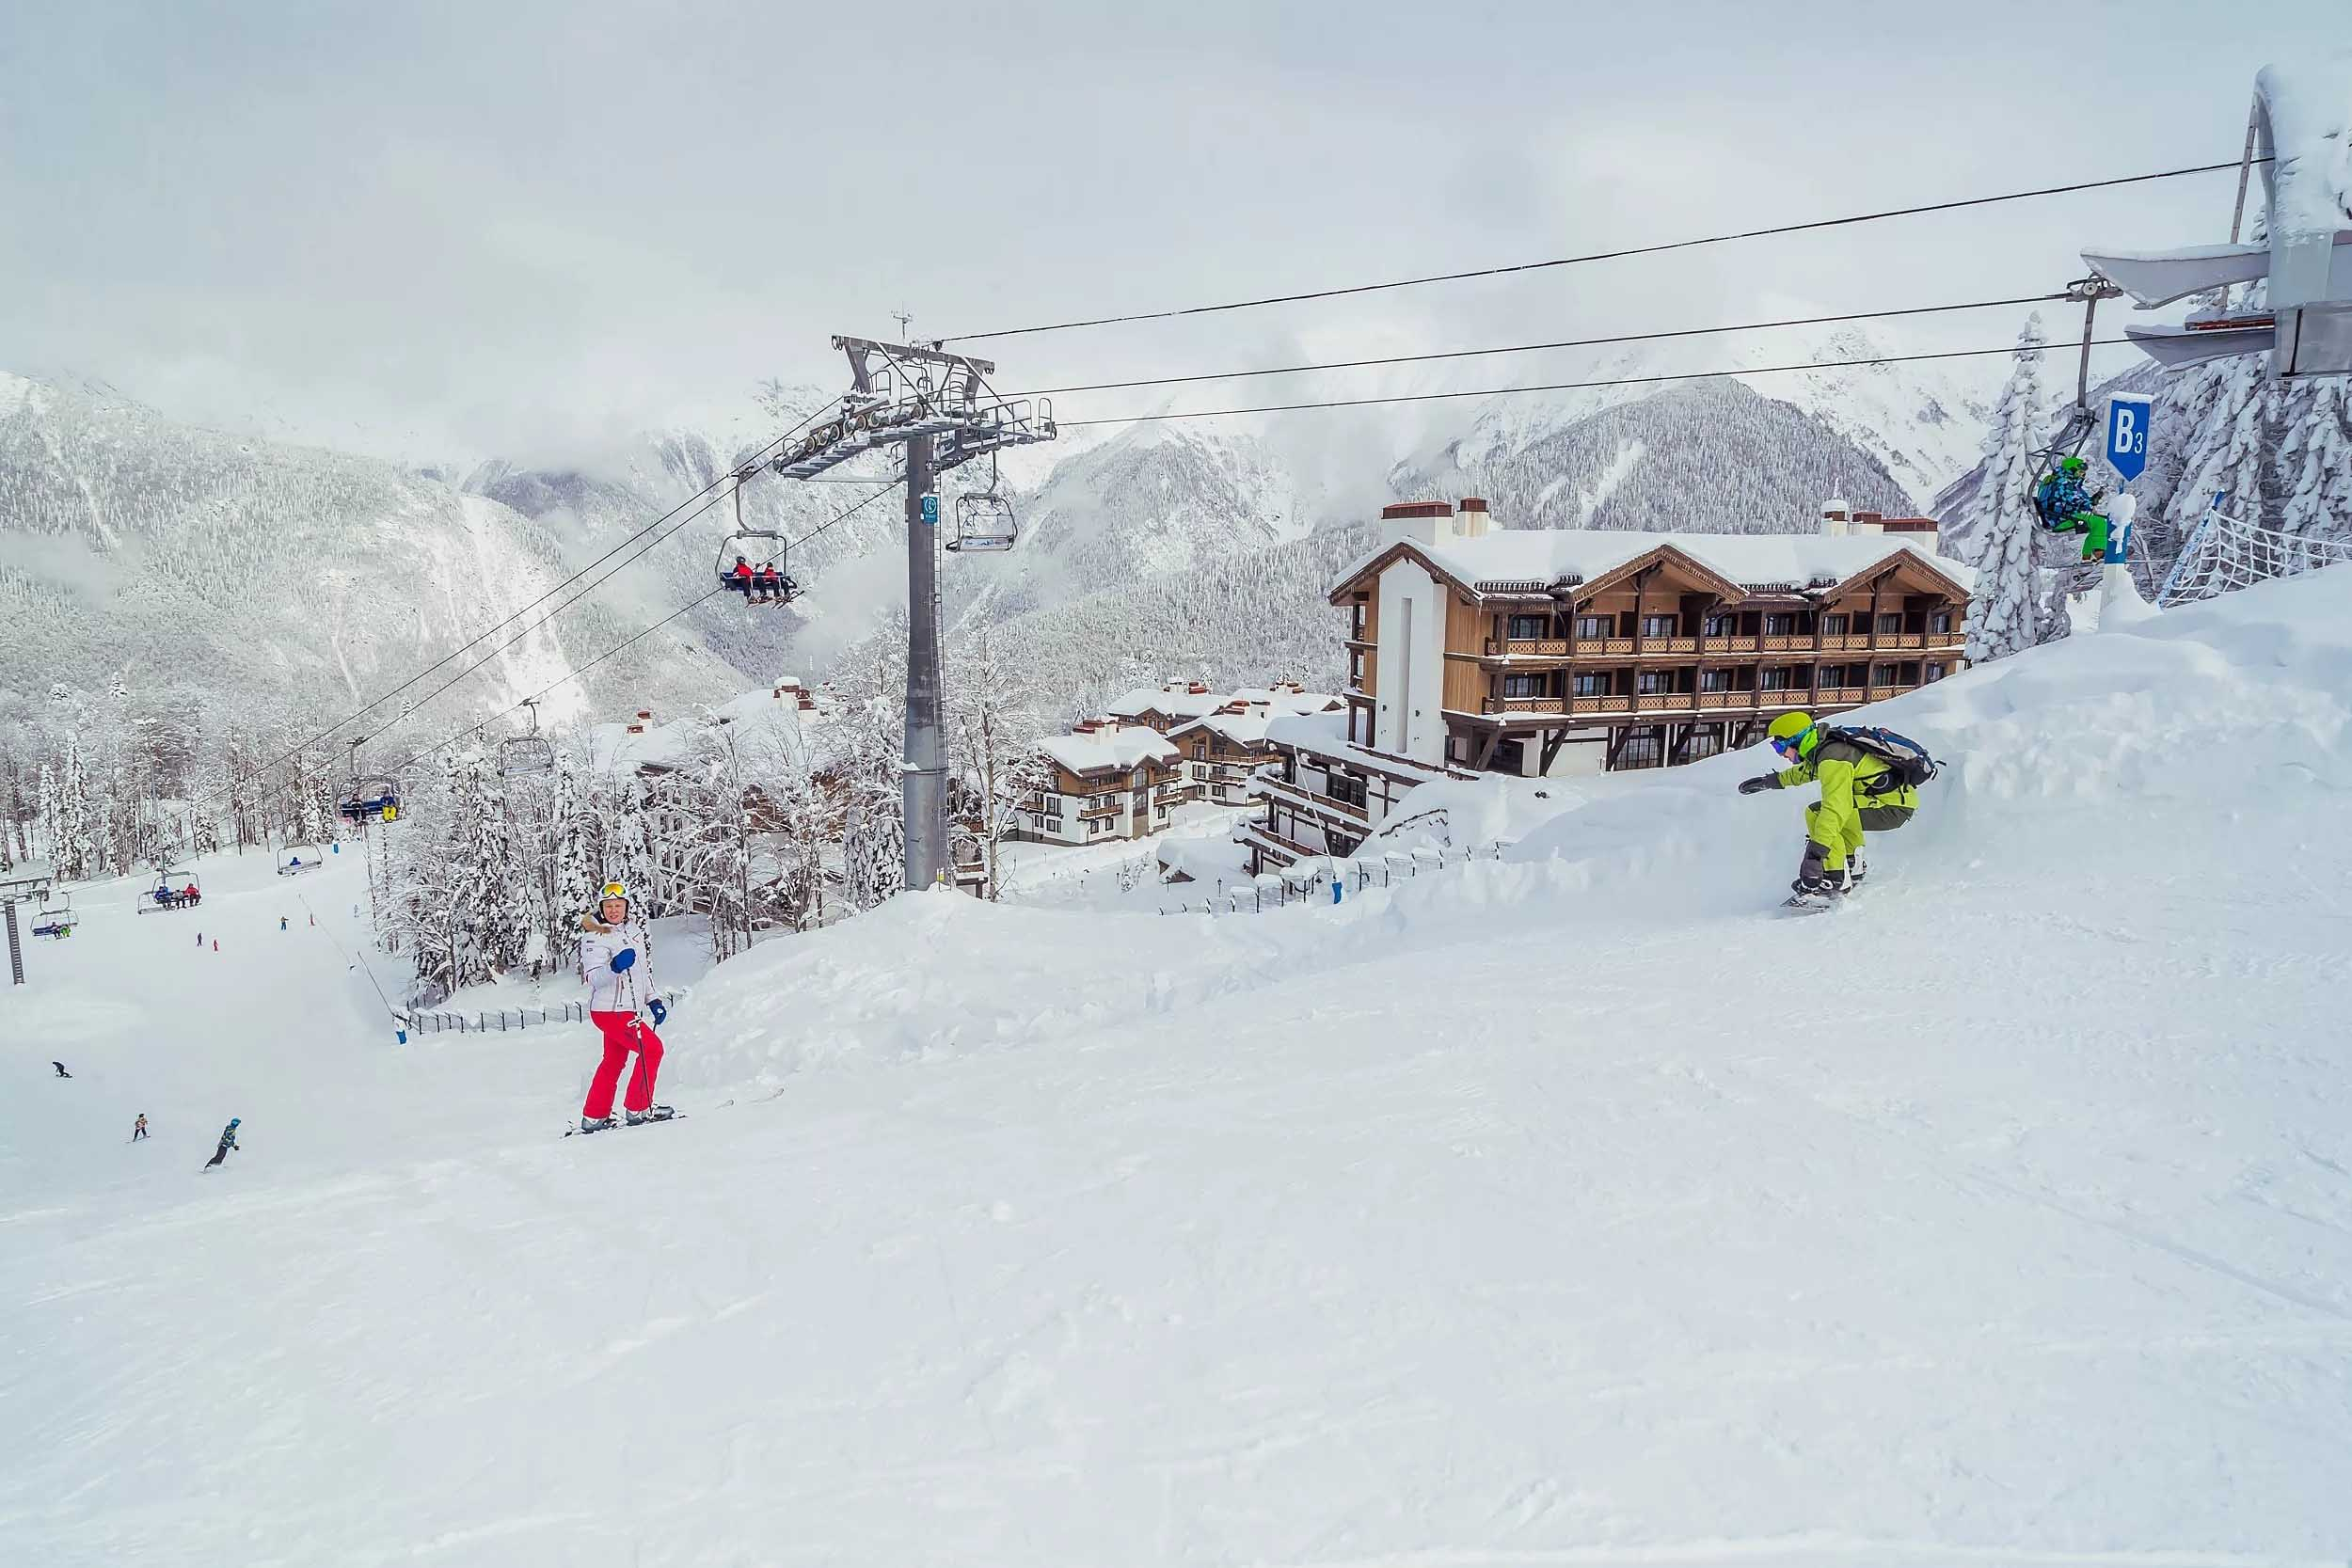 Даты начала горнолыжного сезона 2019/2020 на курортах Красной Поляны